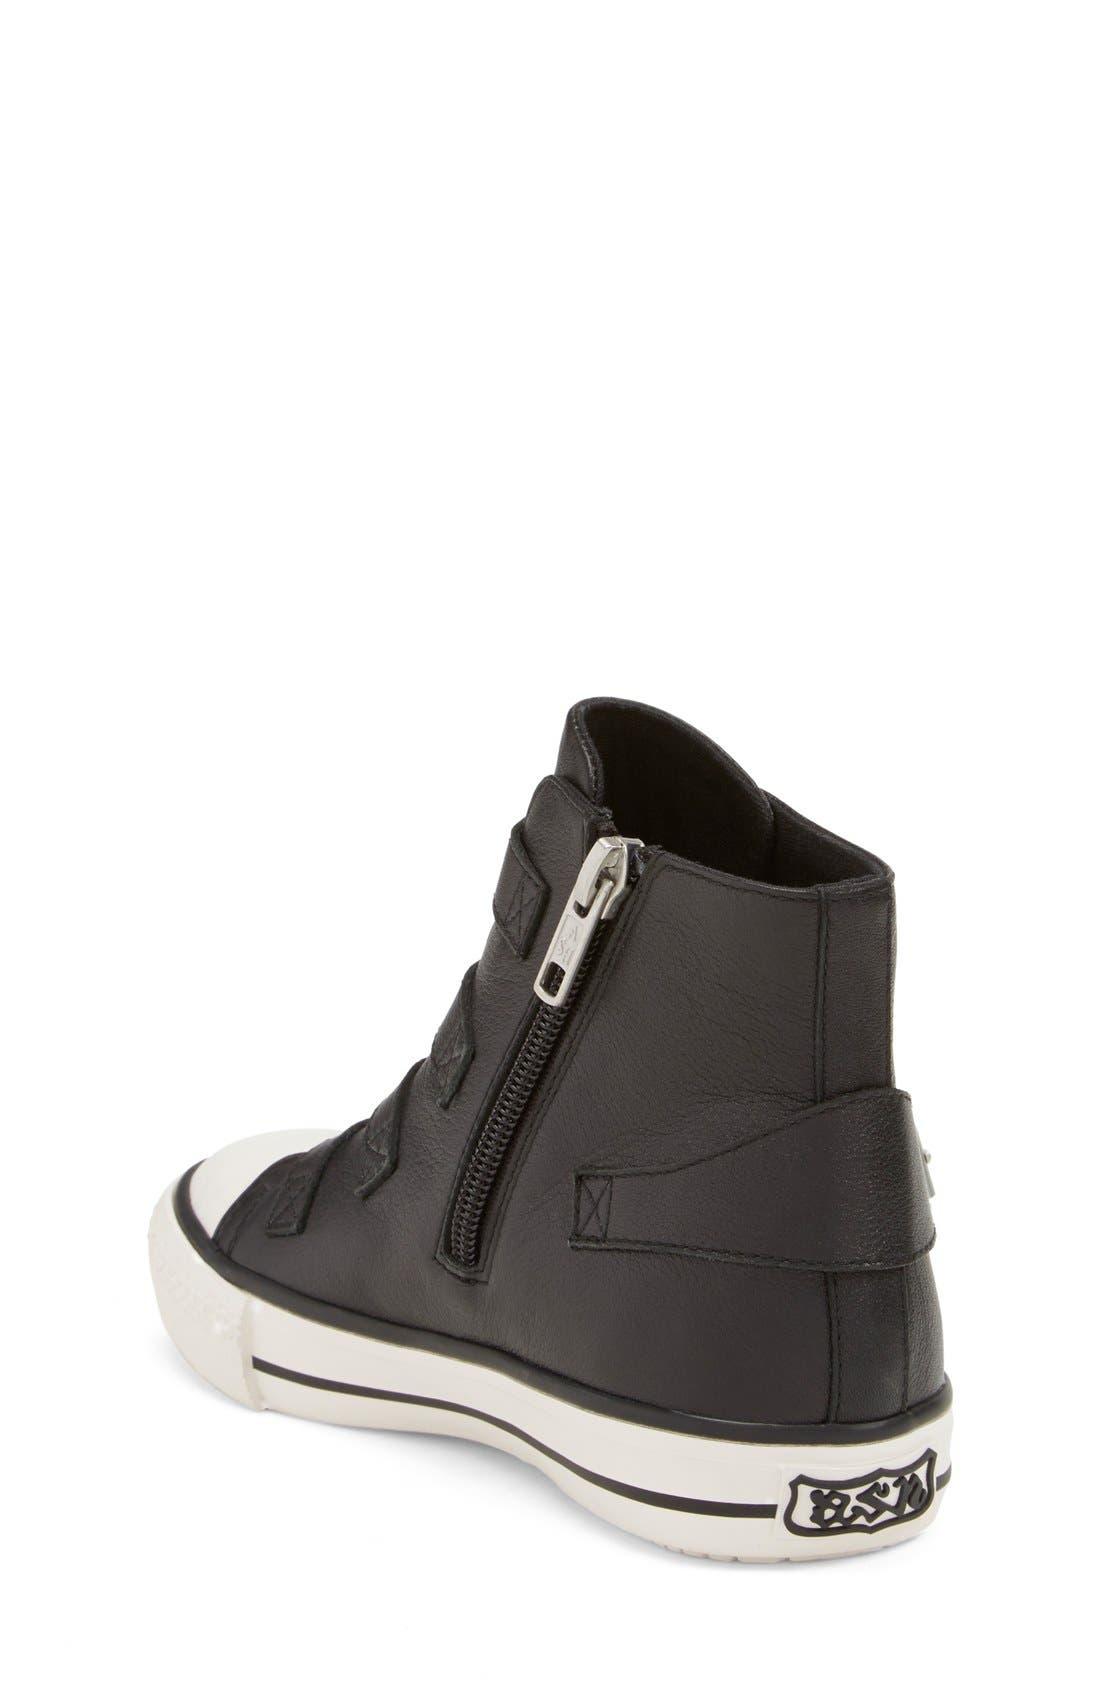 'Vava' Sneaker,                             Alternate thumbnail 6, color,                             001